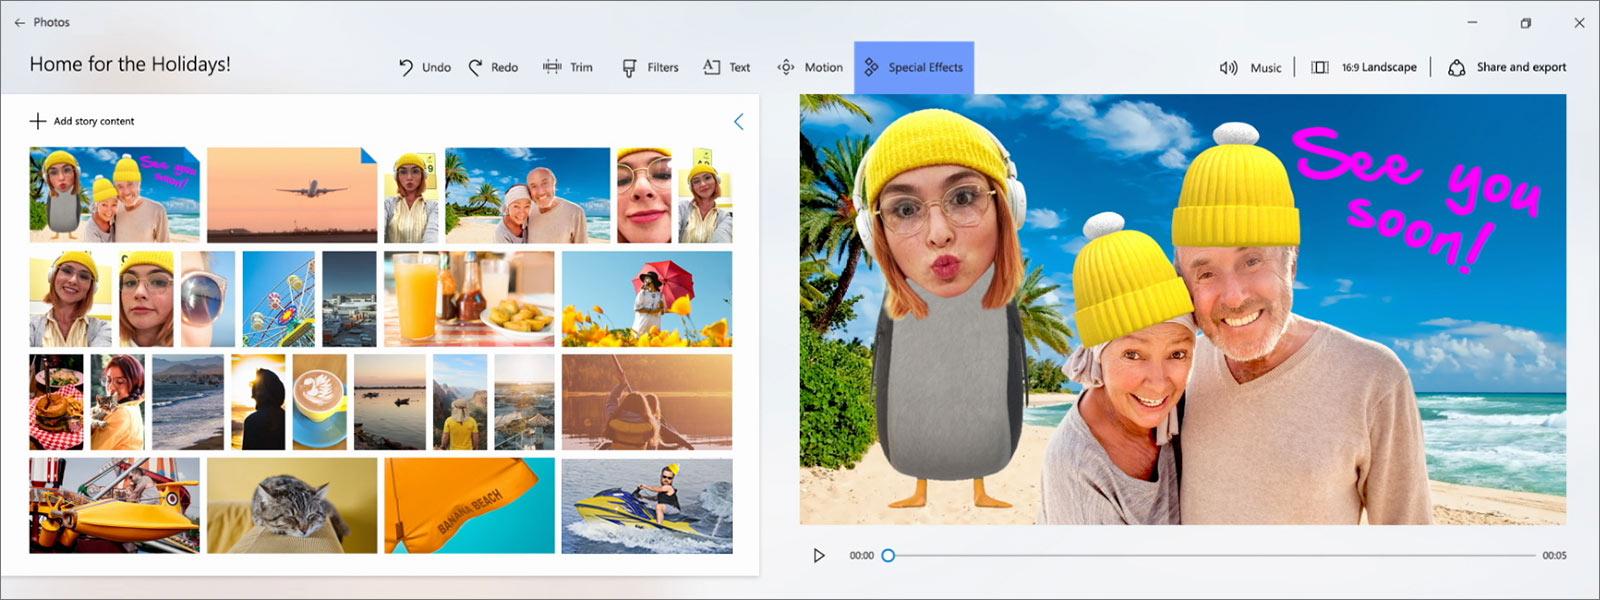 Приложение «Фотографии» в Windows 10